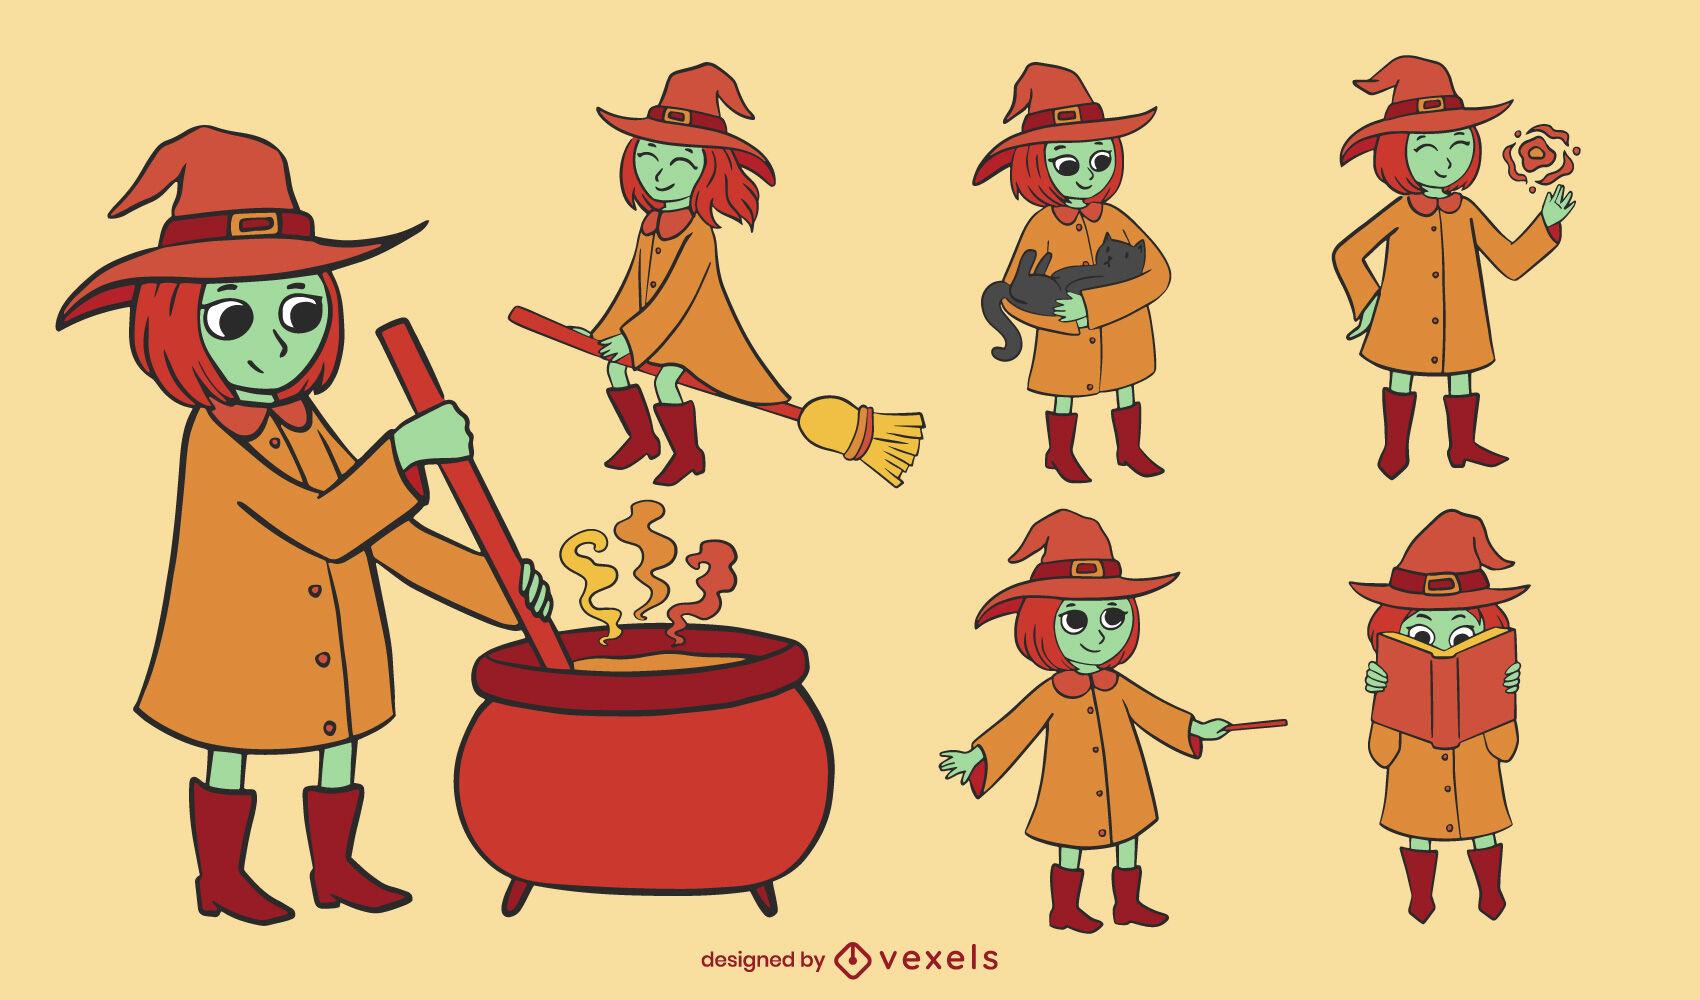 Ilustrações legais de bruxa com traço de cor